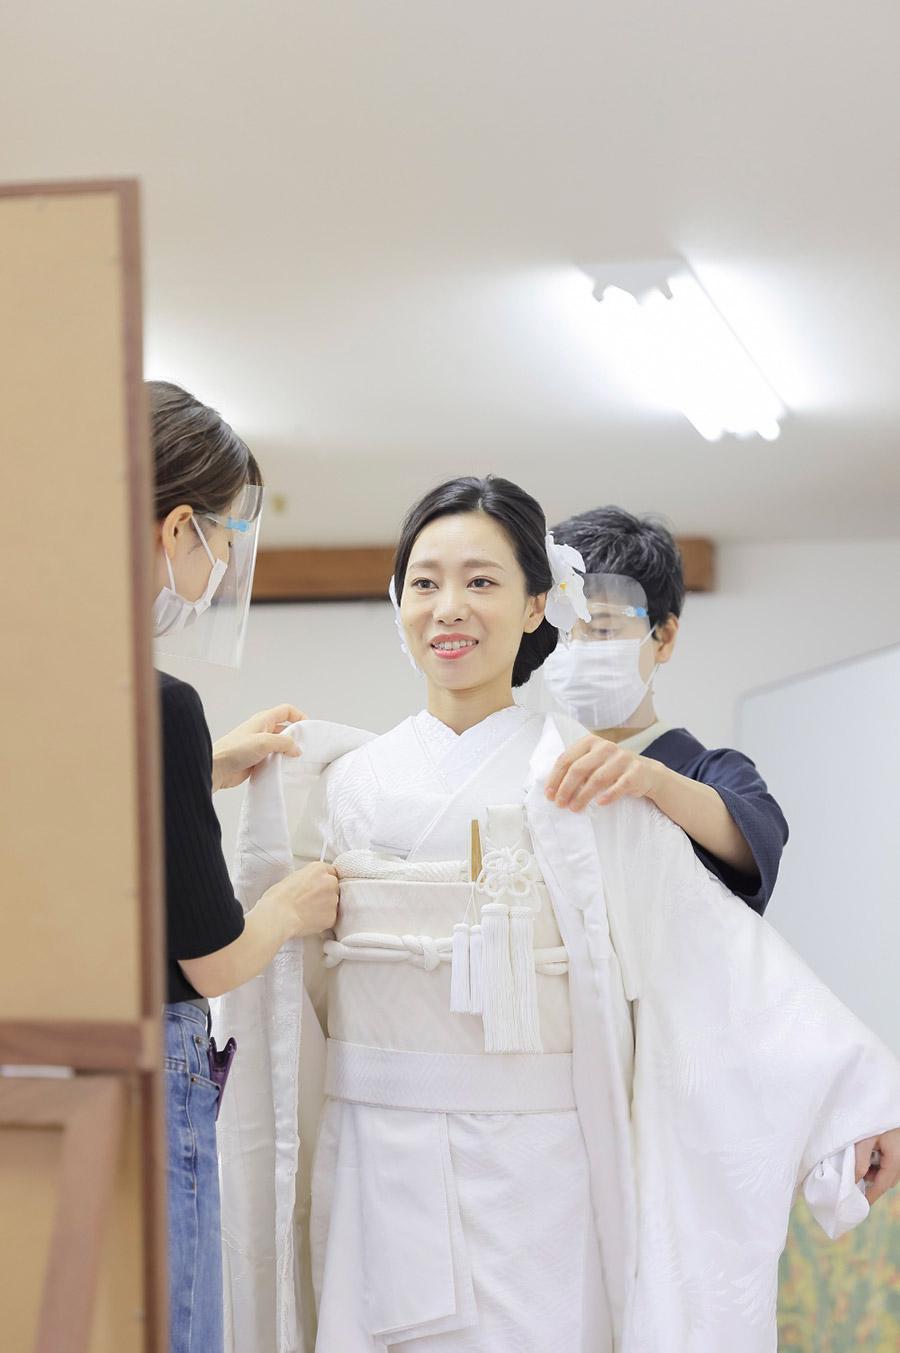 花嫁様の白無垢の着付け風景